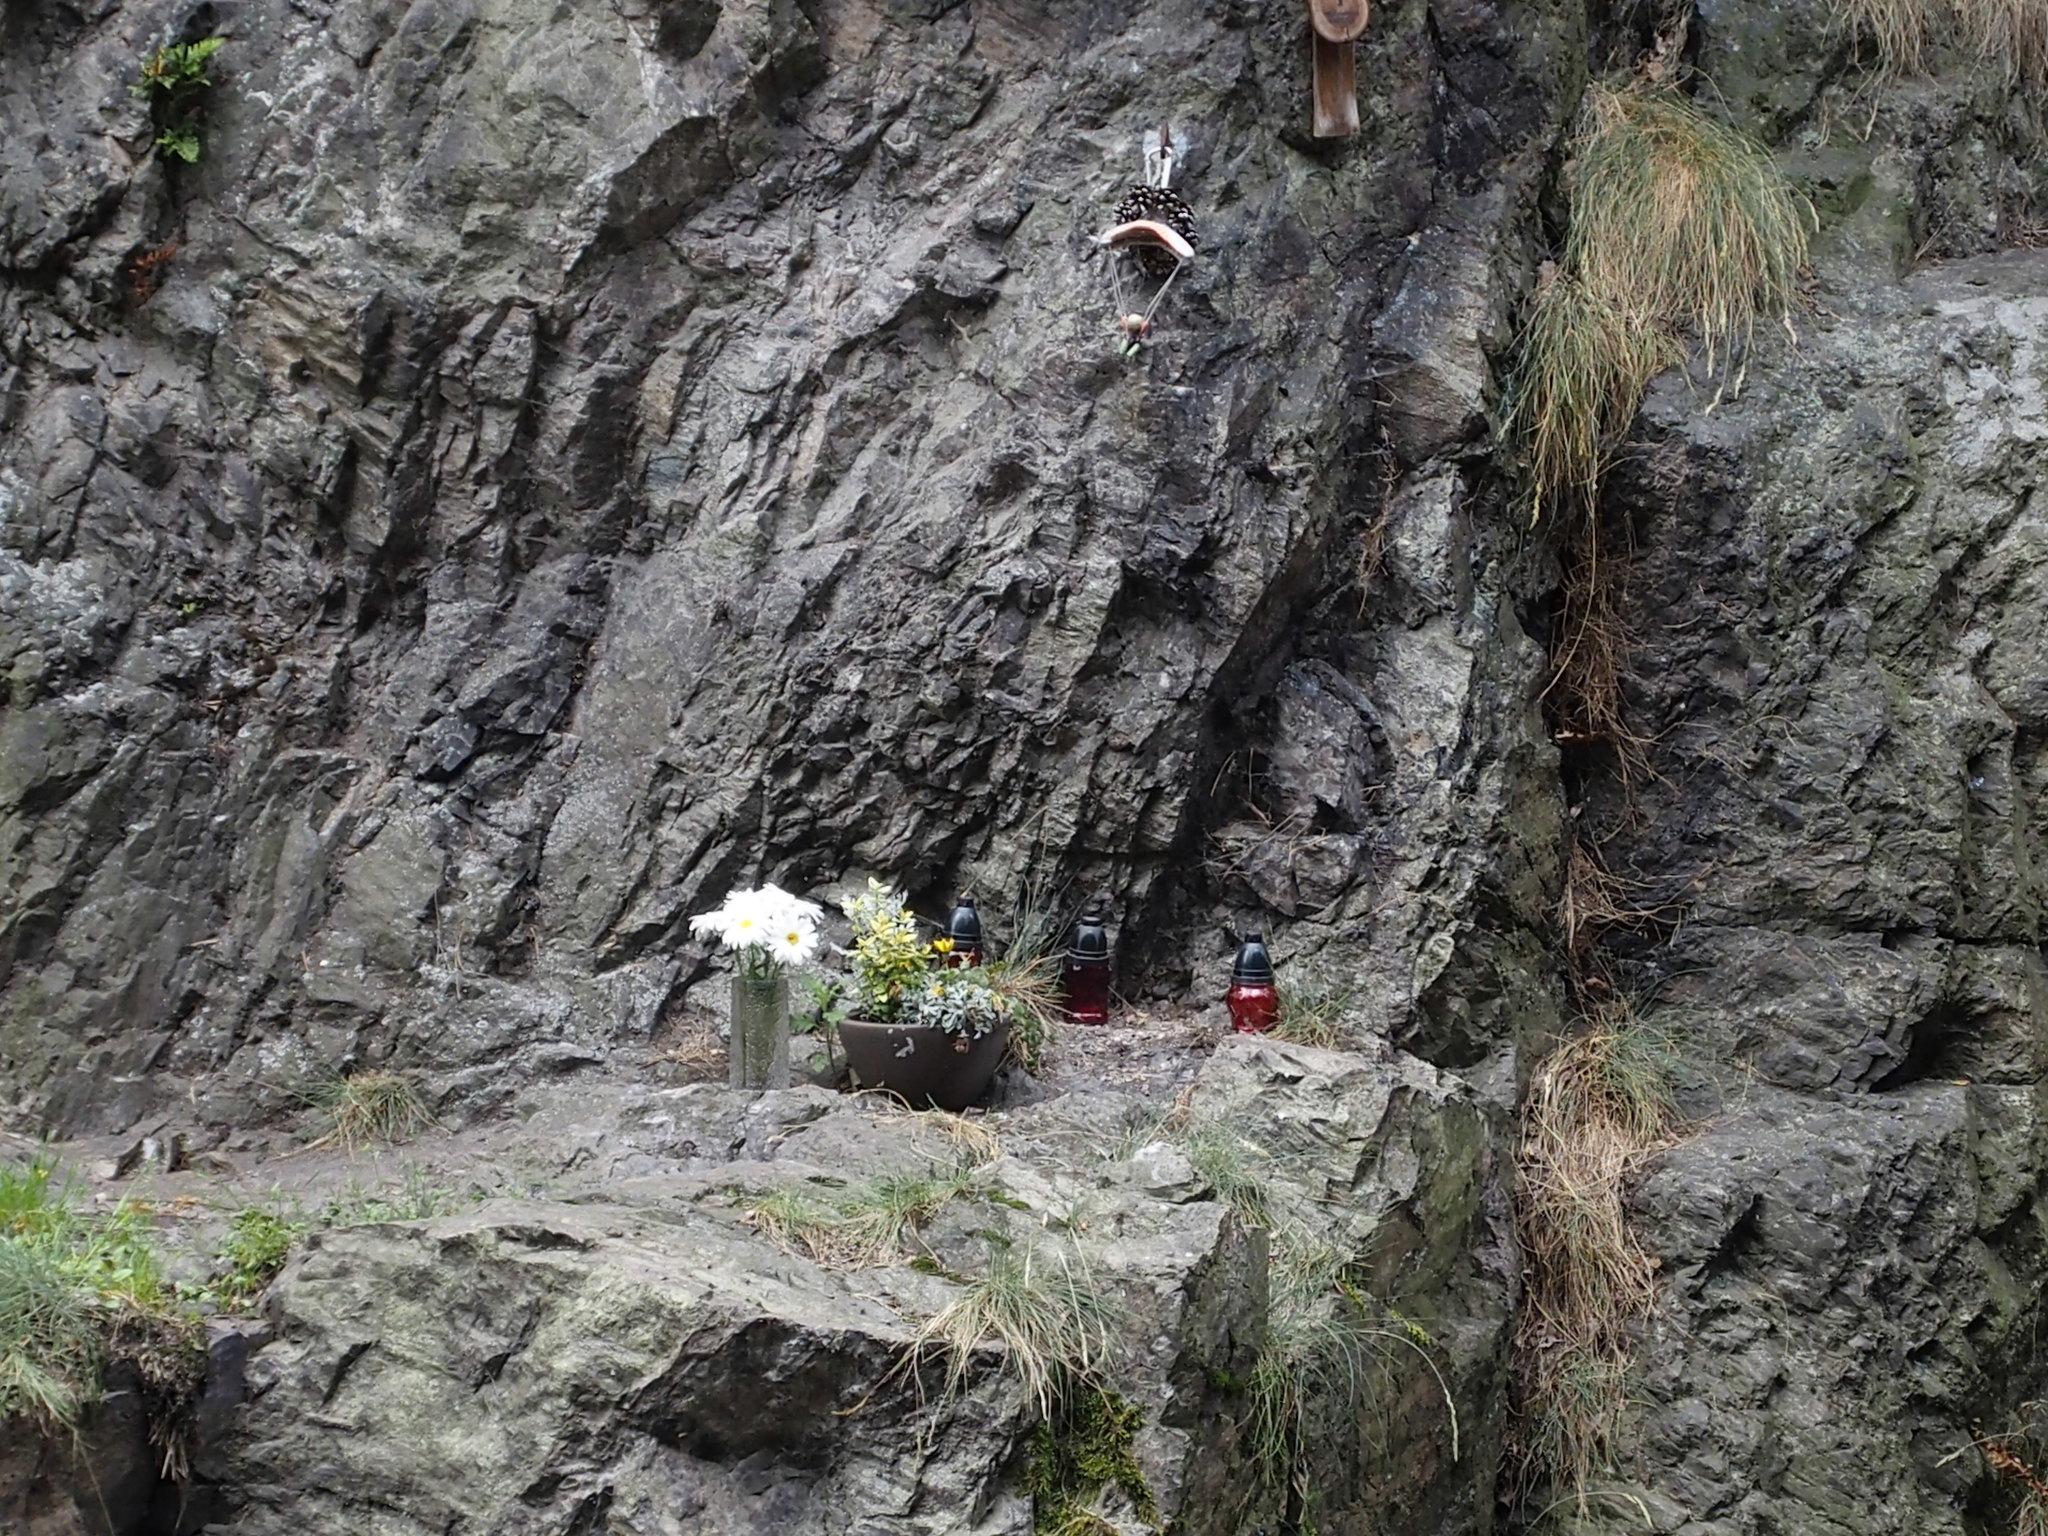 Förolyckad klättrare?